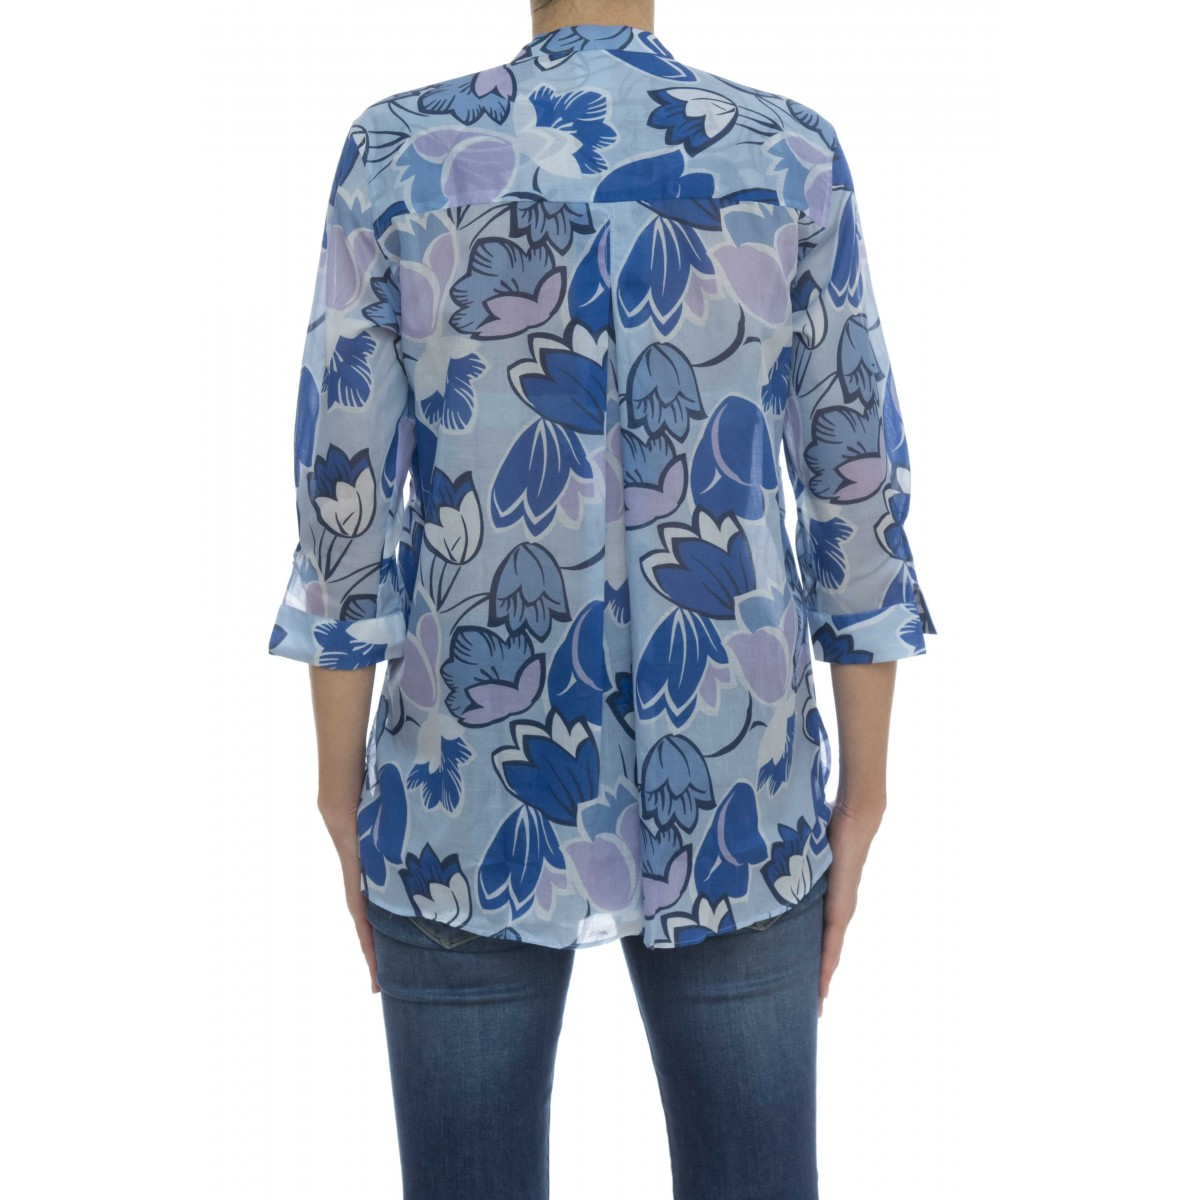 Camicia donna - R2v zxe mussola stampa fiori